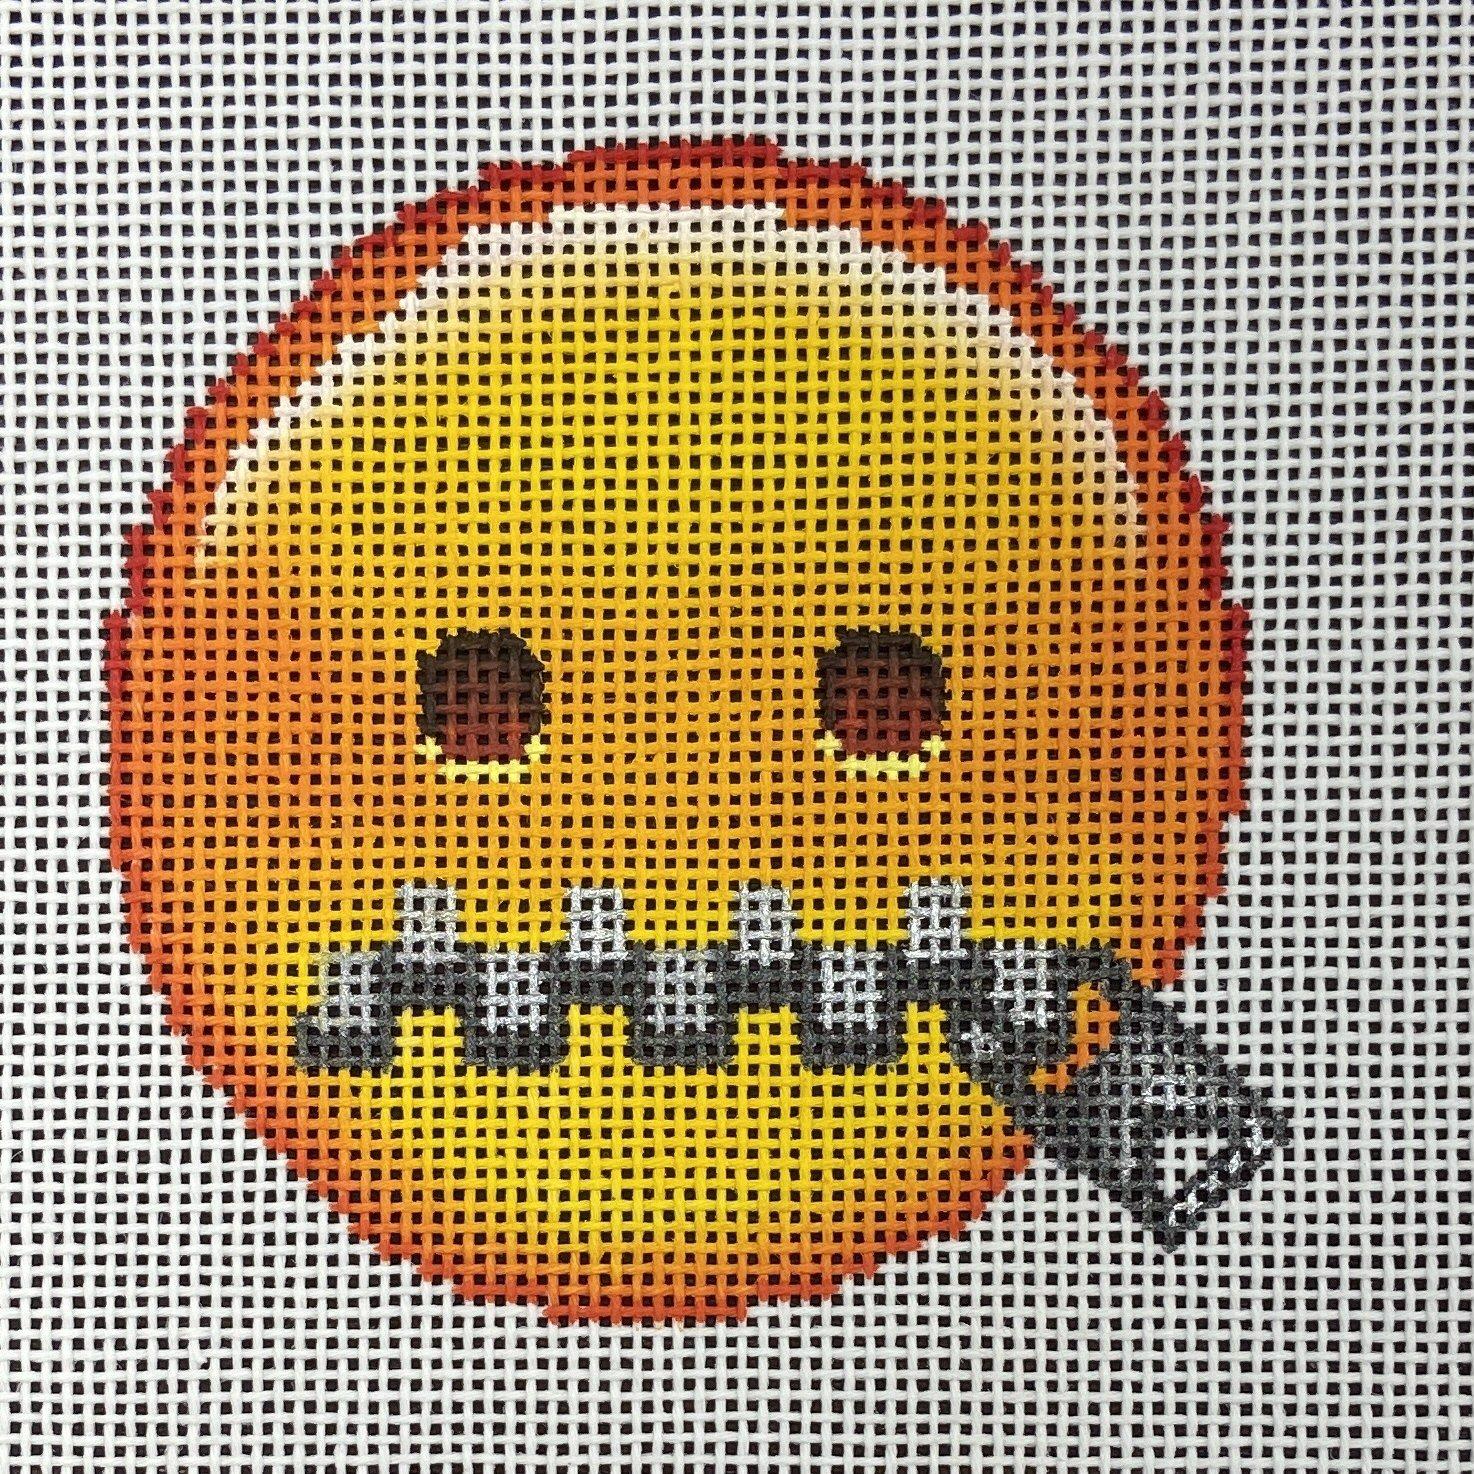 EJ005 Zip It! Emoji Ornament Point Of It All Designs